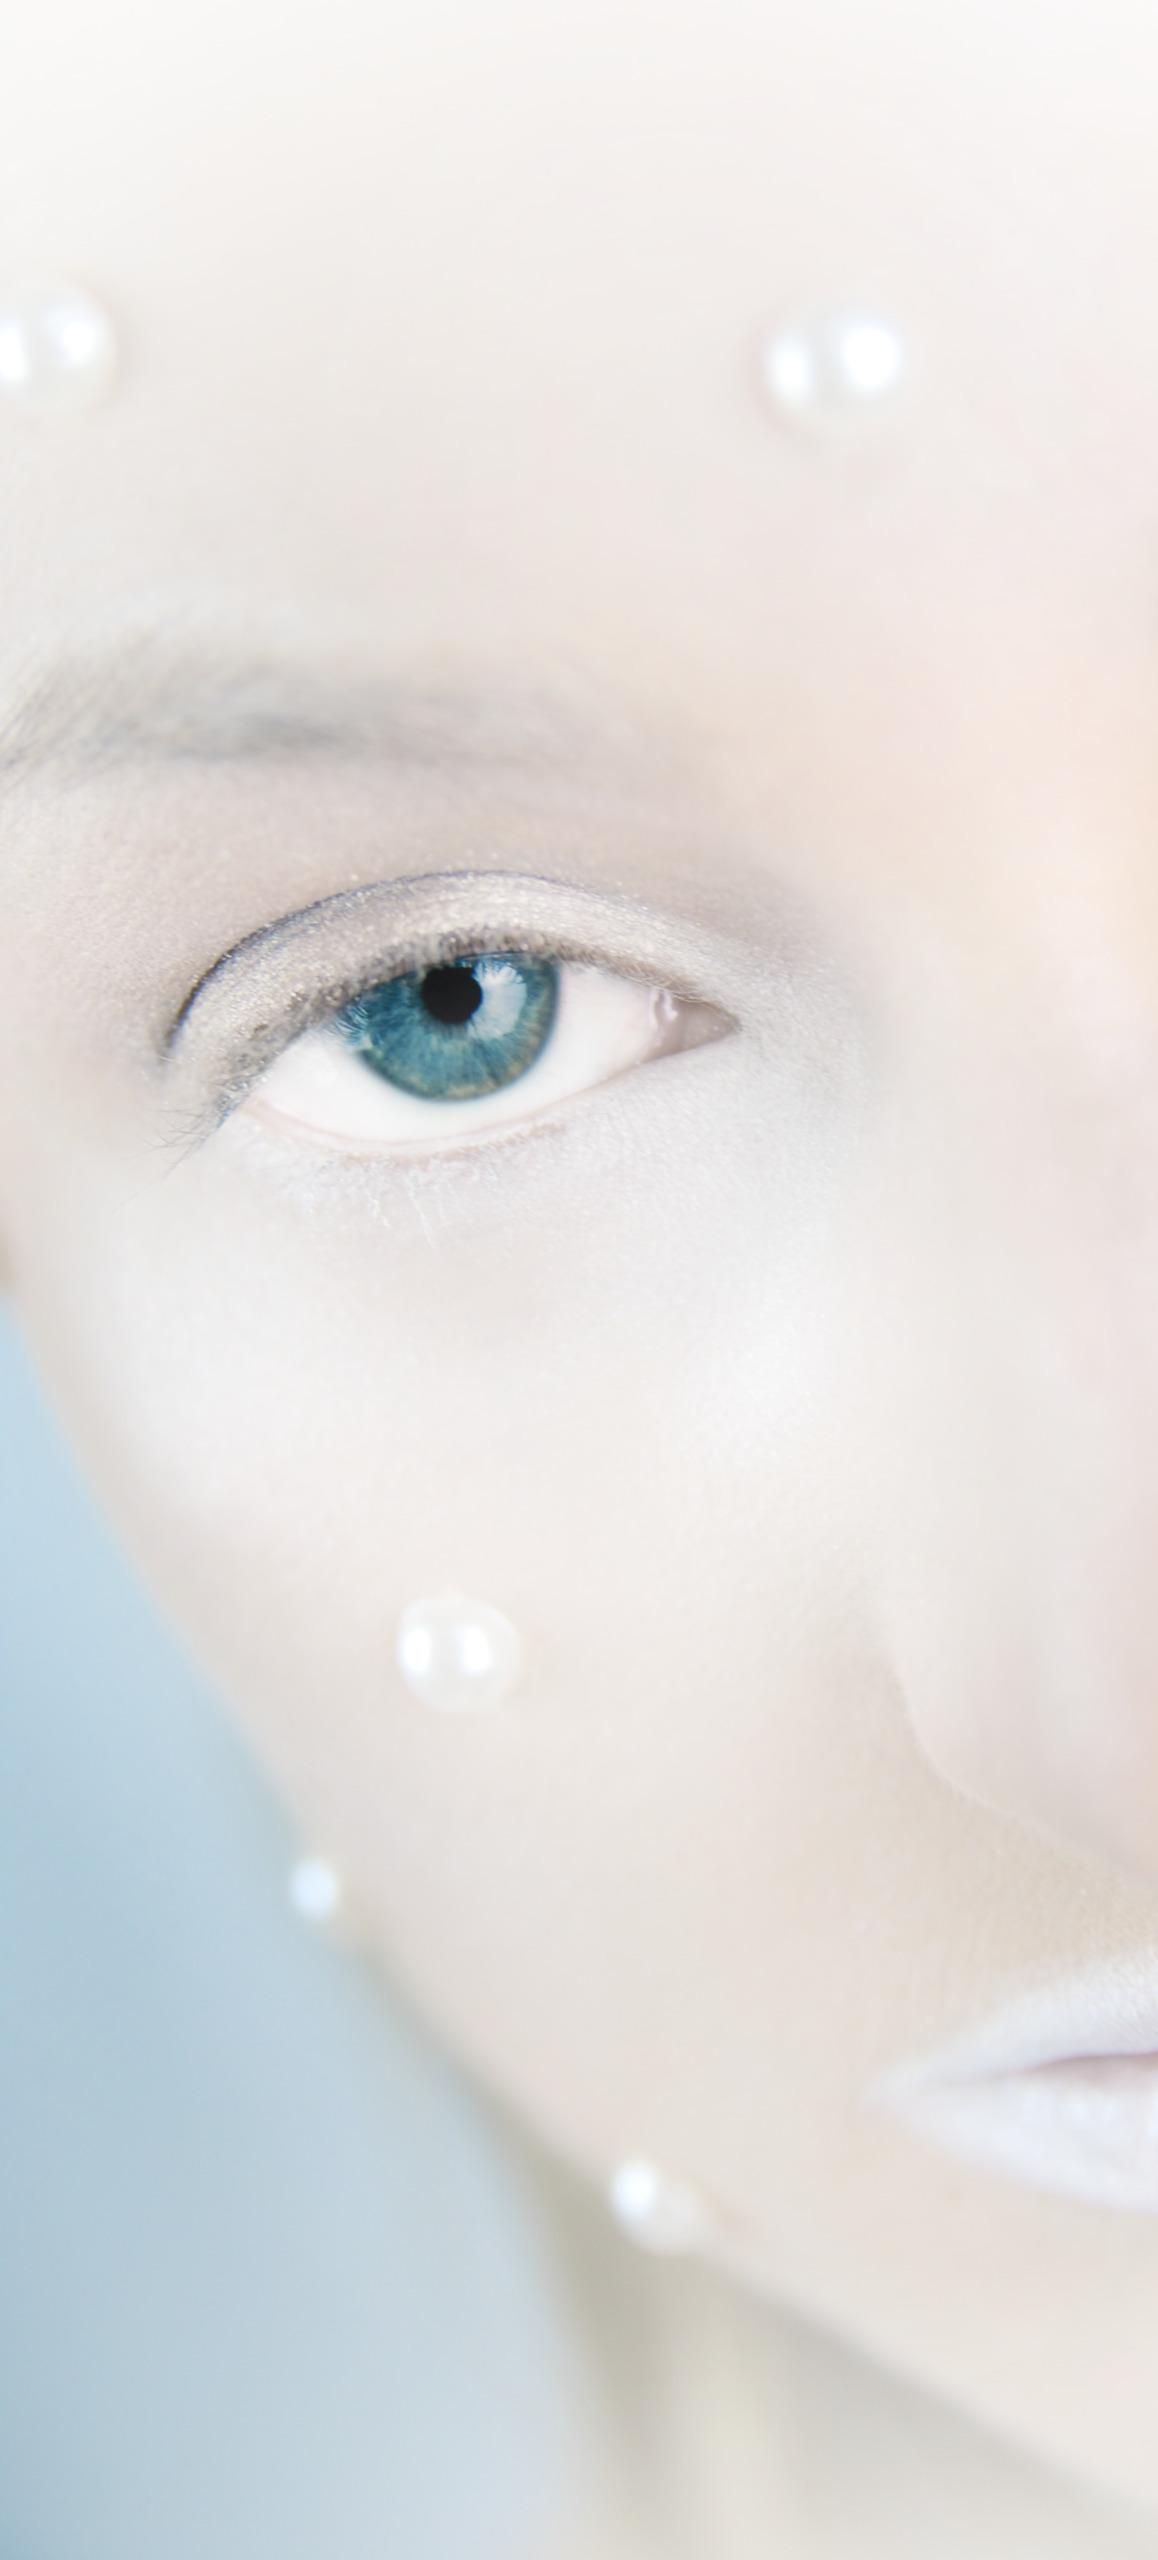 Zdjęcie przedstawia połowę twarzy kobiety, do której przyczepione są perły, a powieka oka pomalowana jest na biało.